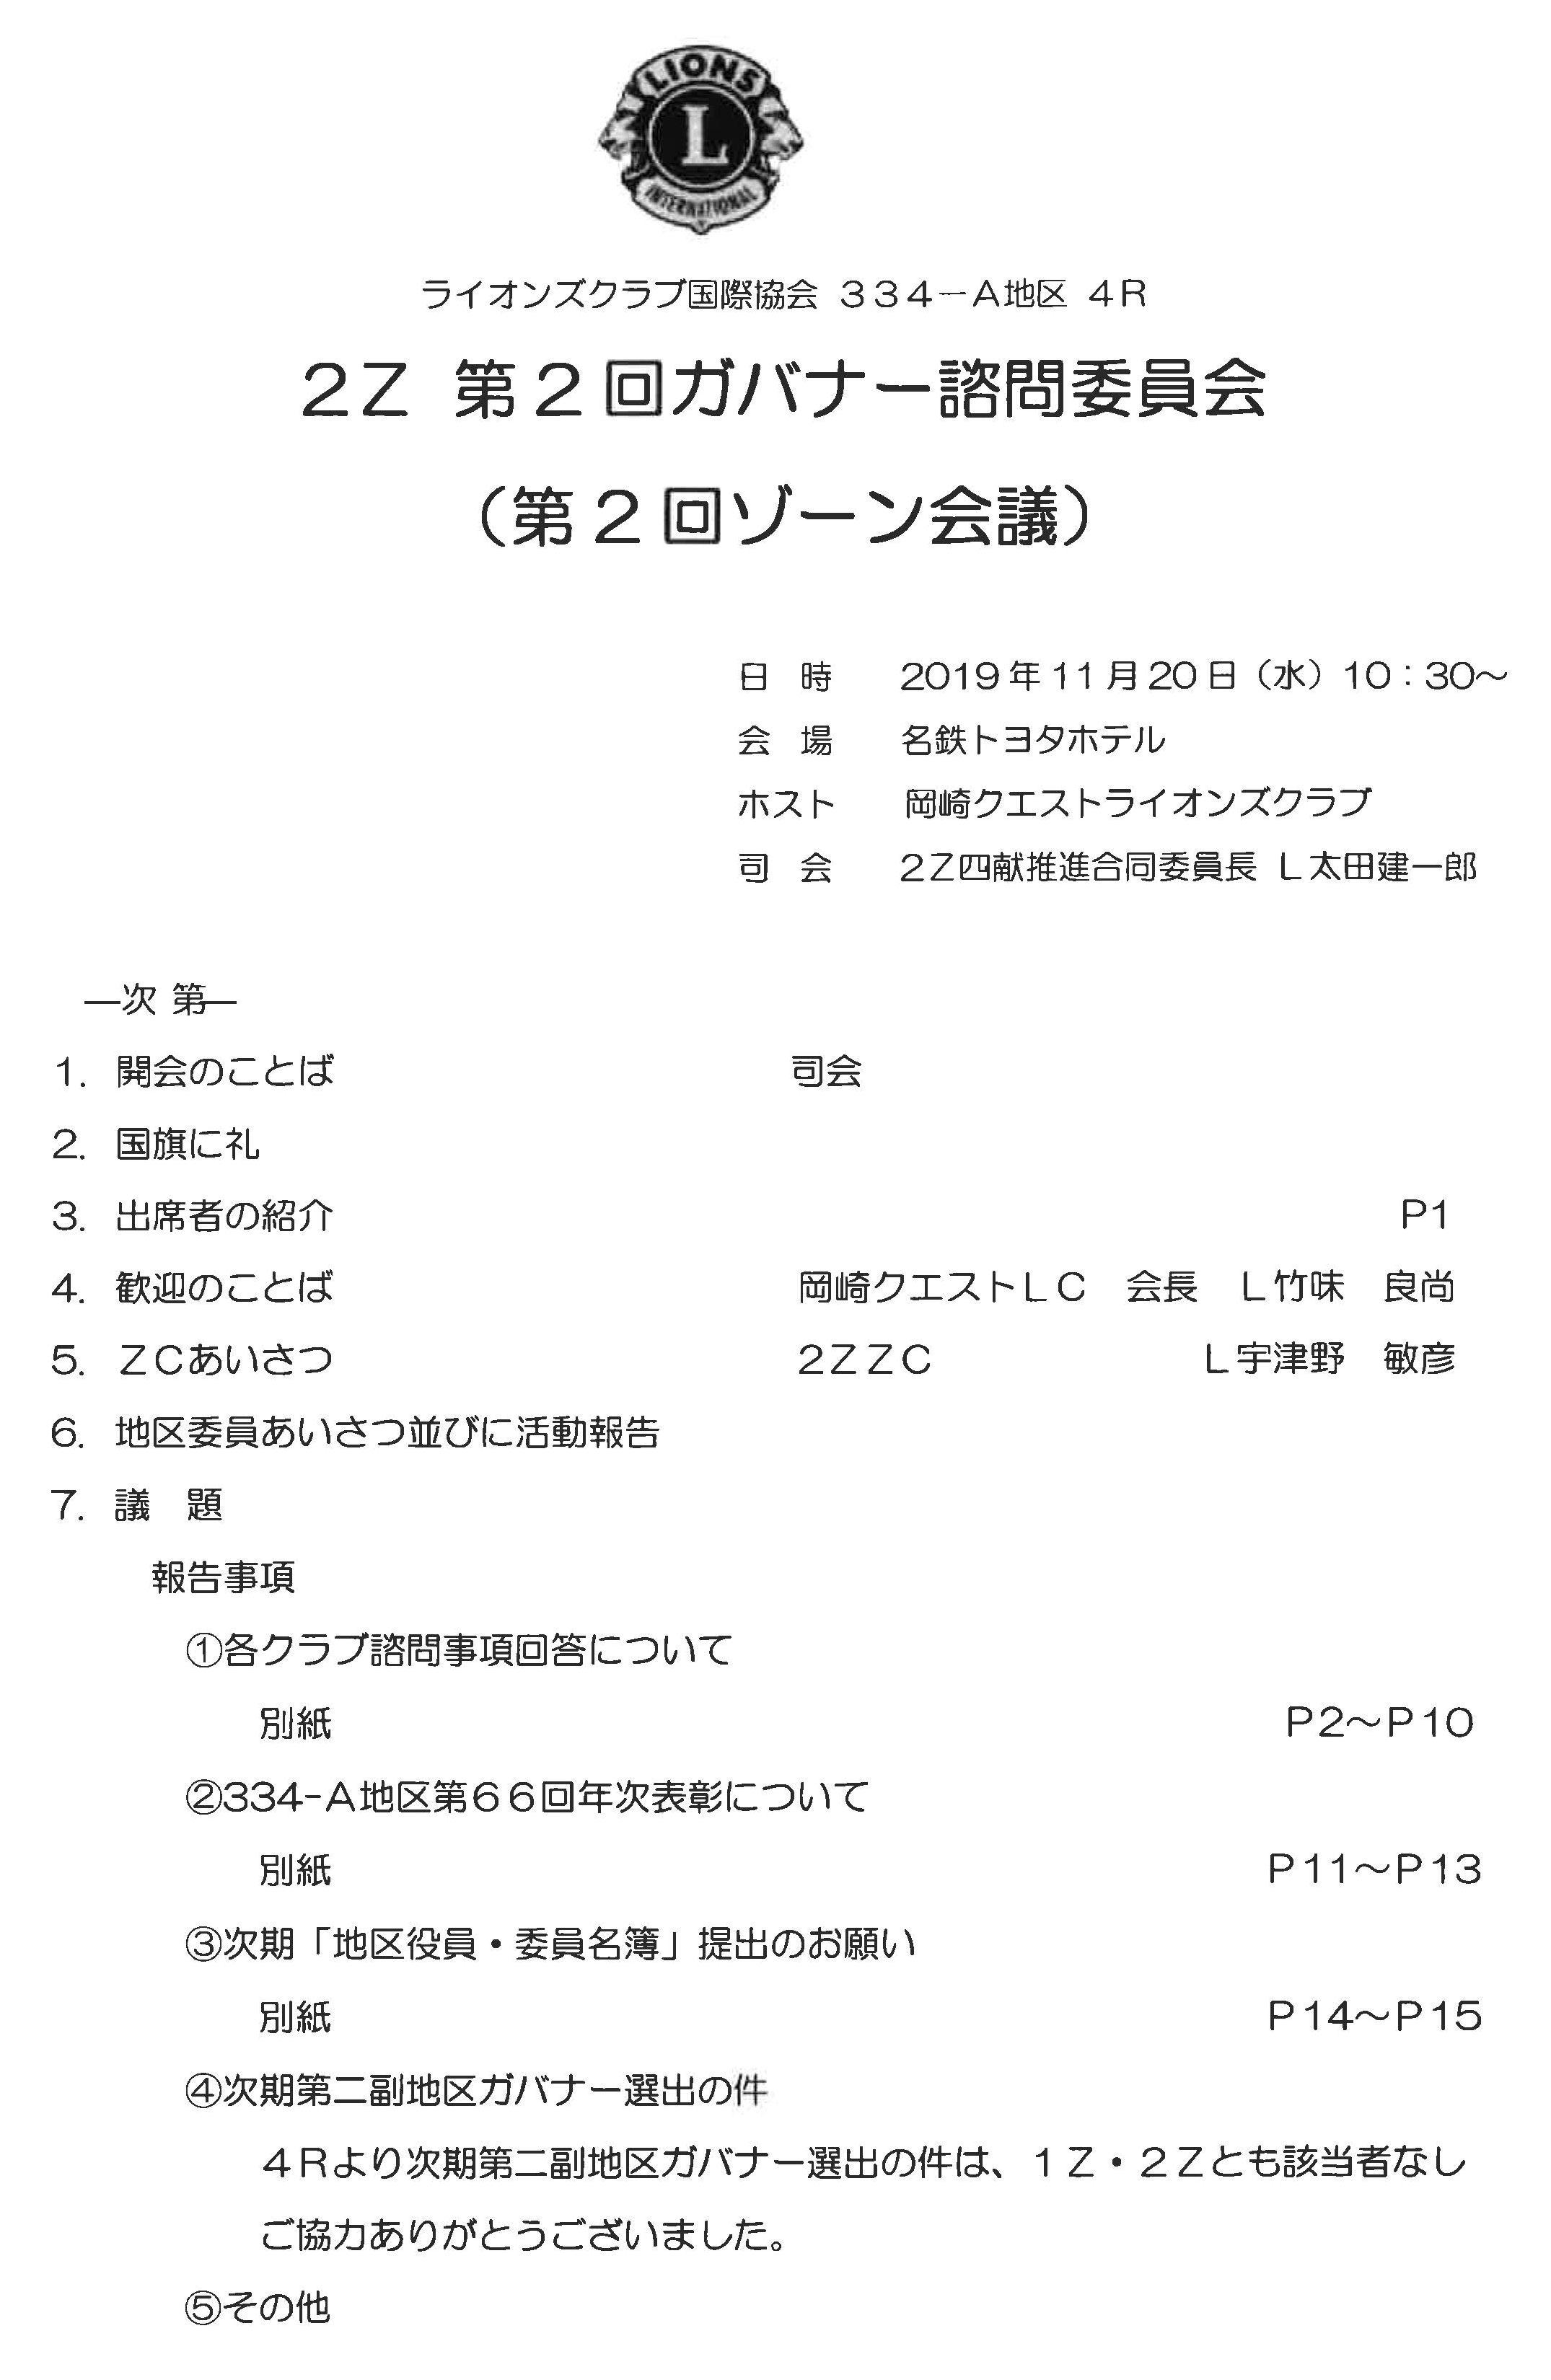 01第2回G諮問委員会Z会議 次第1